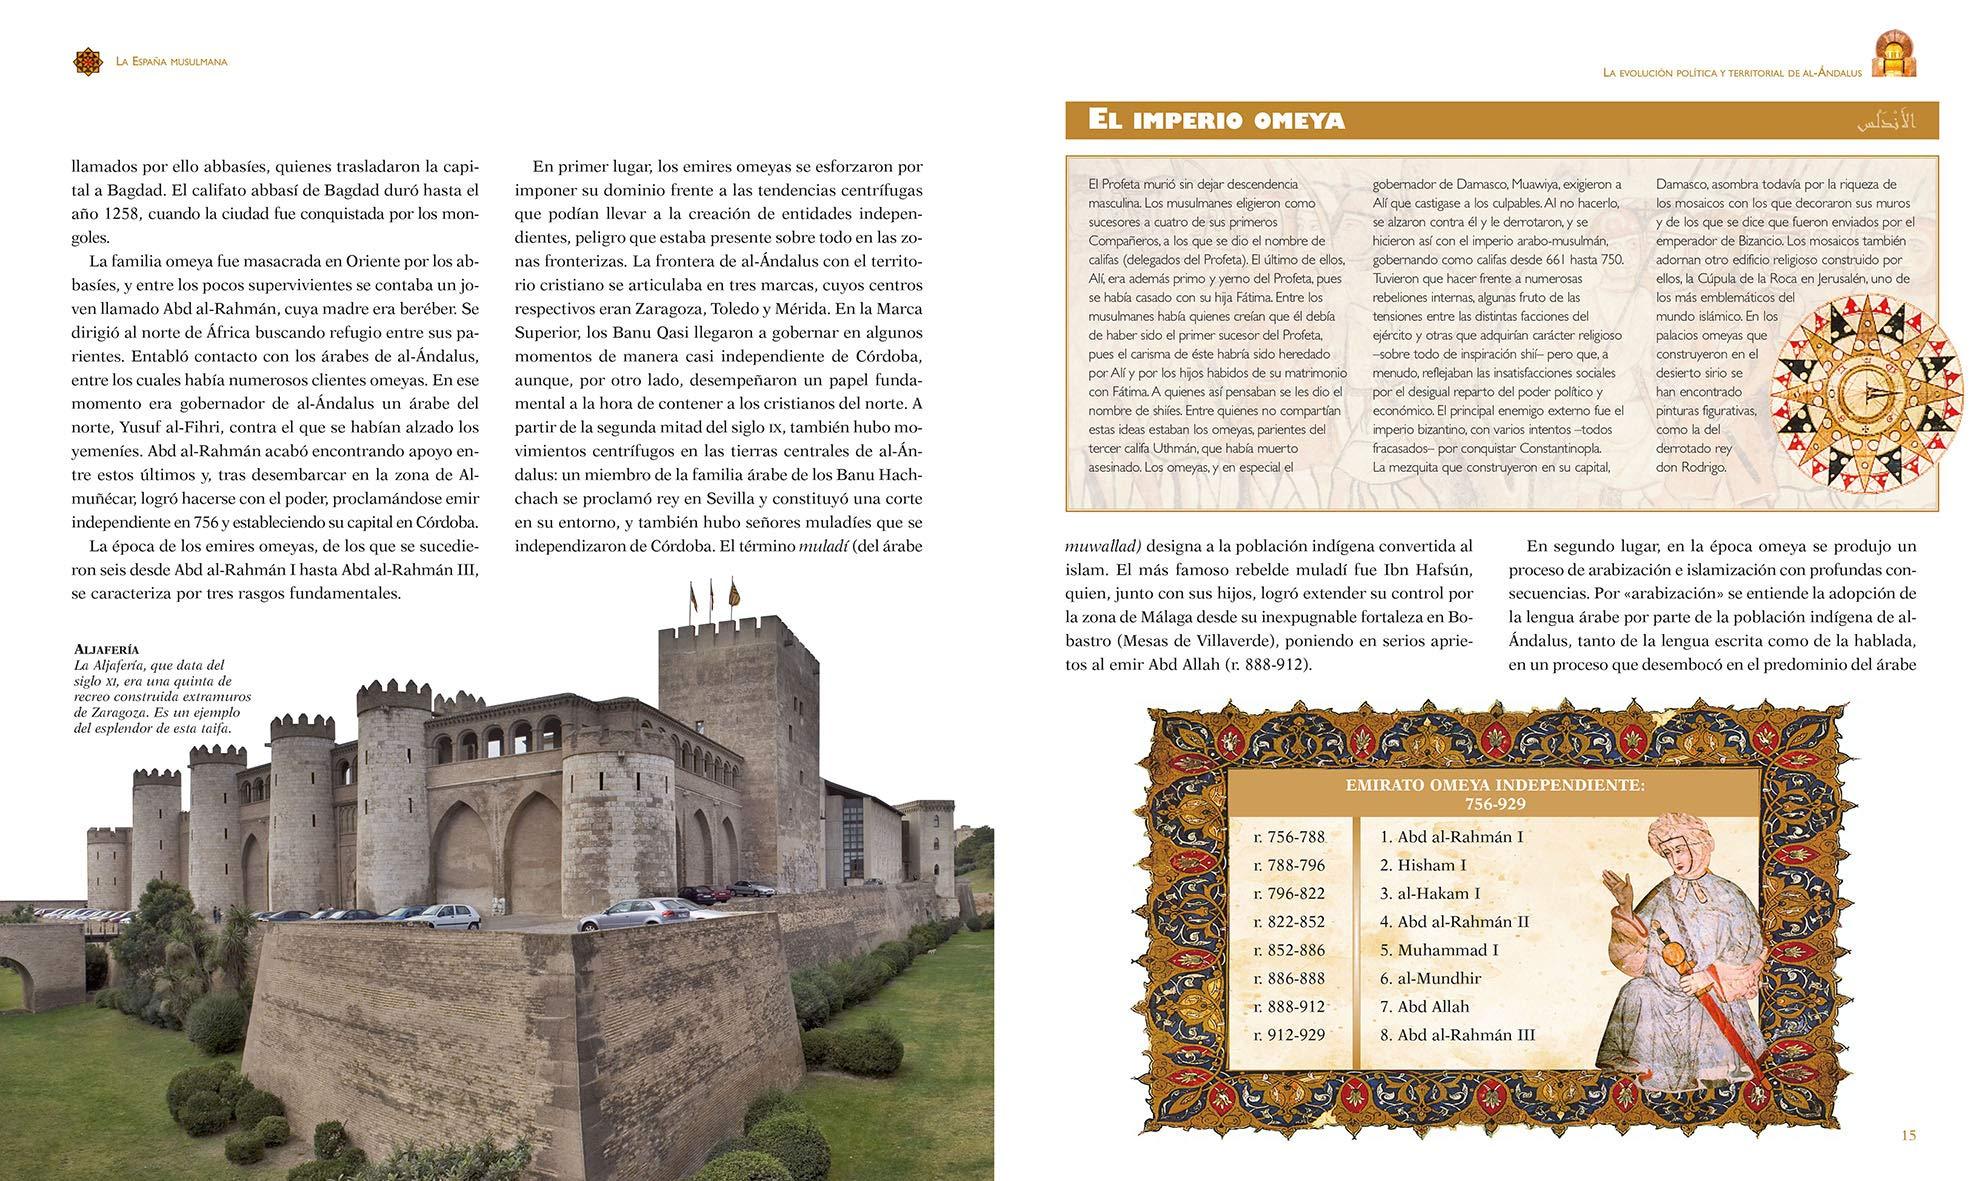 España Musulmana (Atlas Ilustrado): Amazon.es: Fierro, Maribel, Susaeta, Equipo: Libros